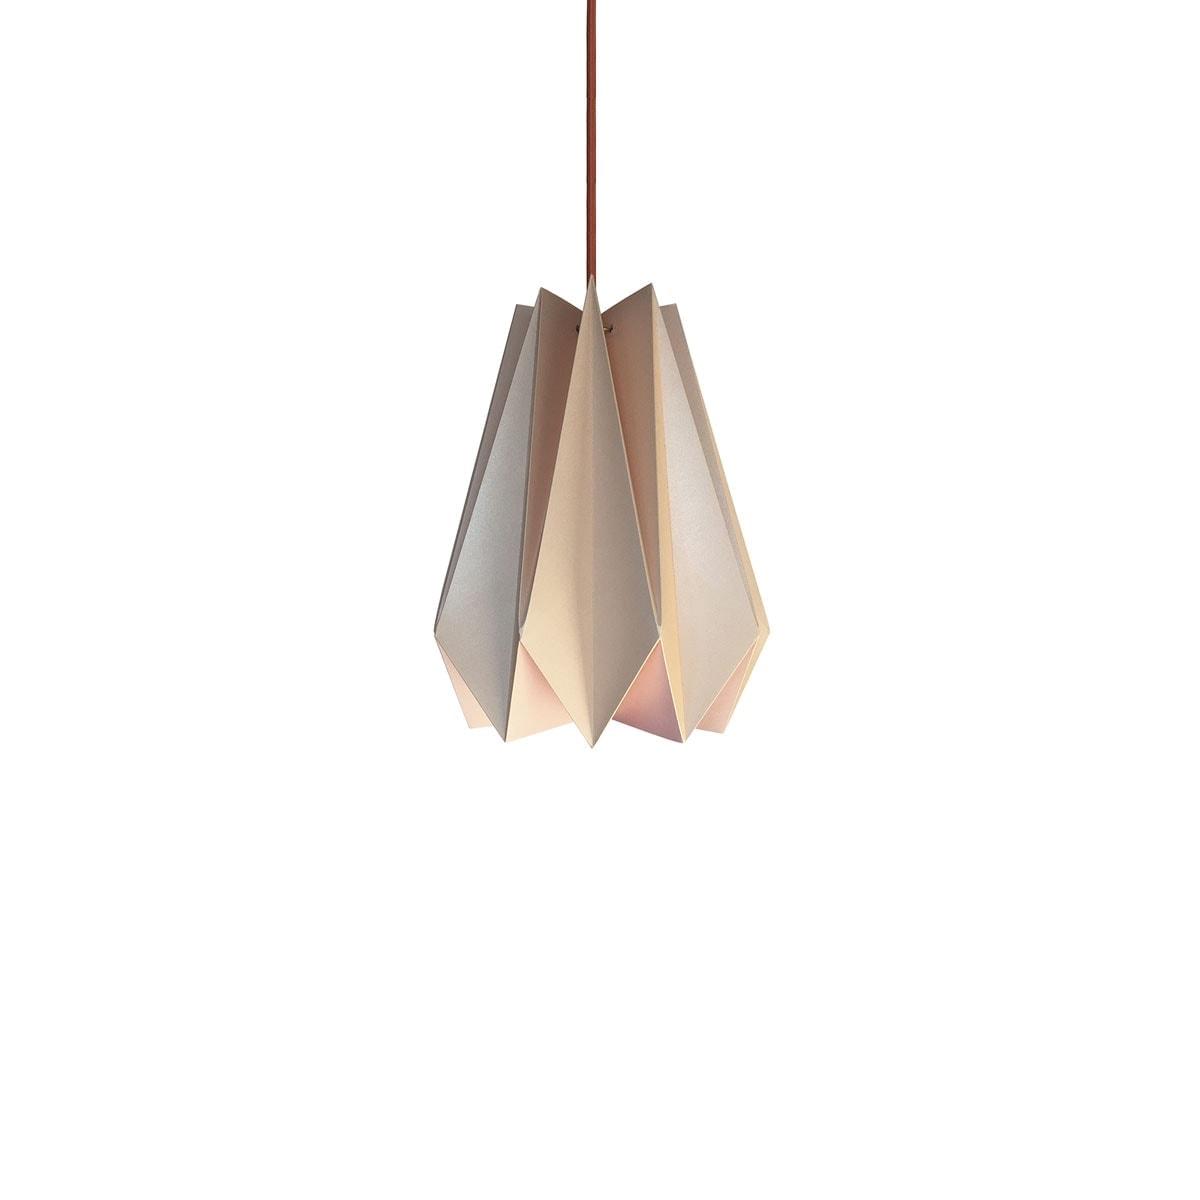 luminária pendente de papel Iluminoo - modelo Pinho (20) - Nude 2